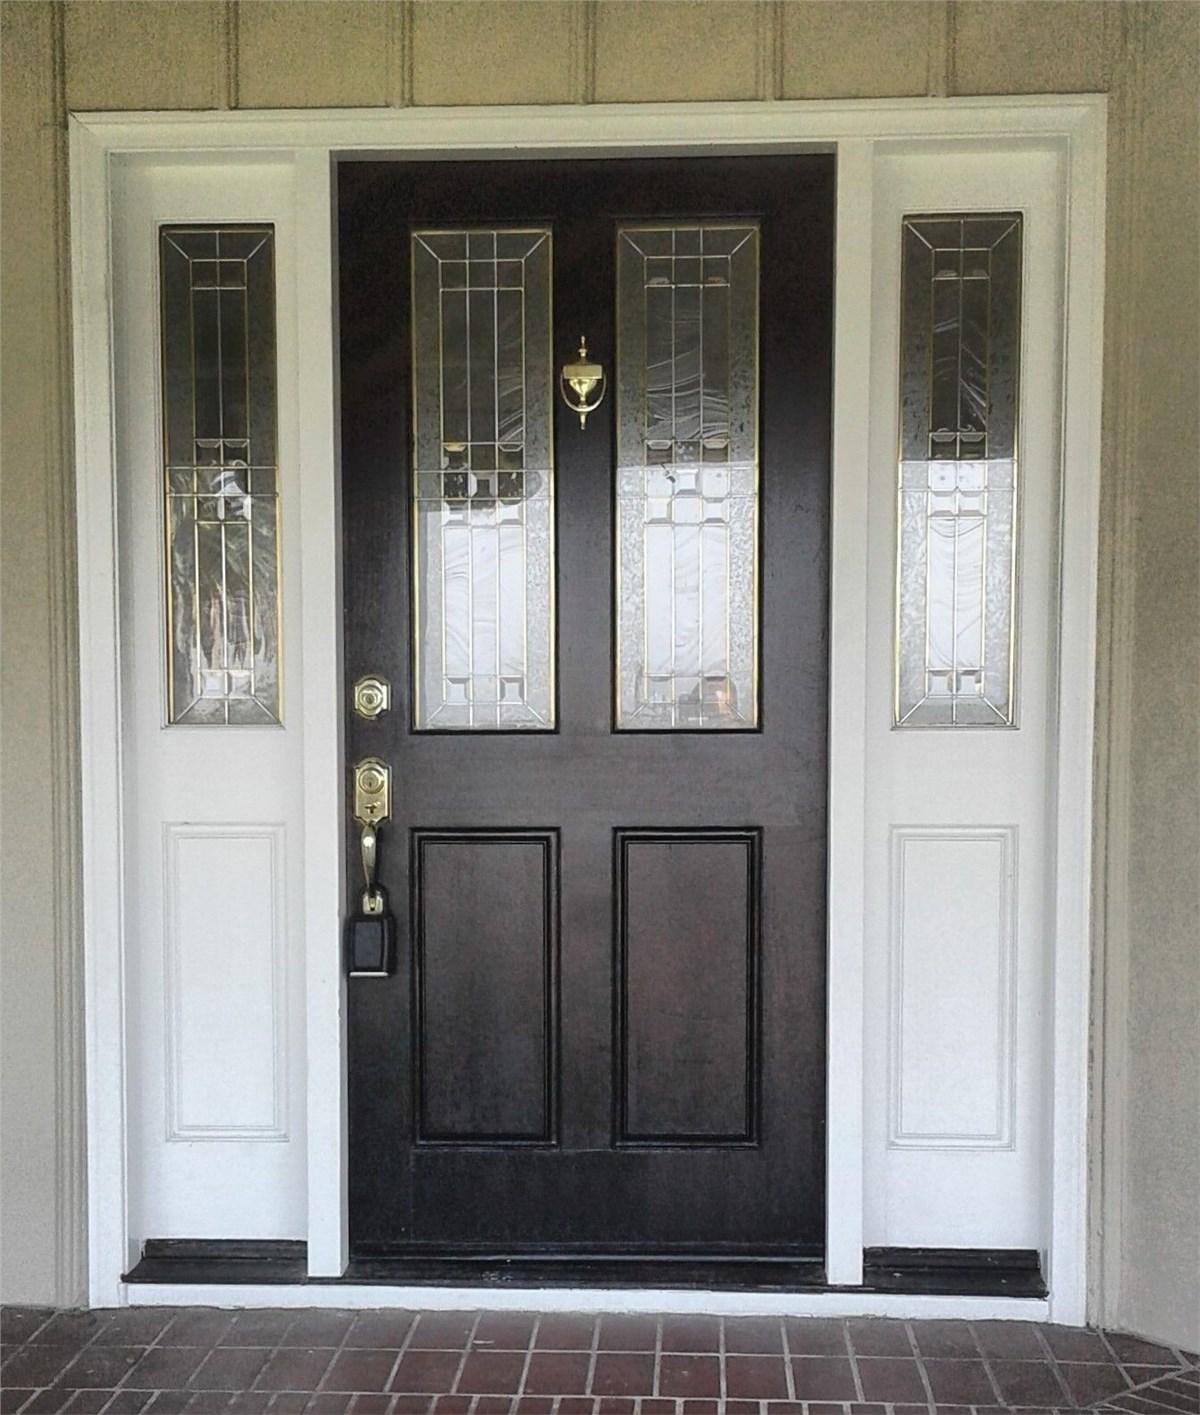 Riverside Replacement Windows Replacement Doors Design